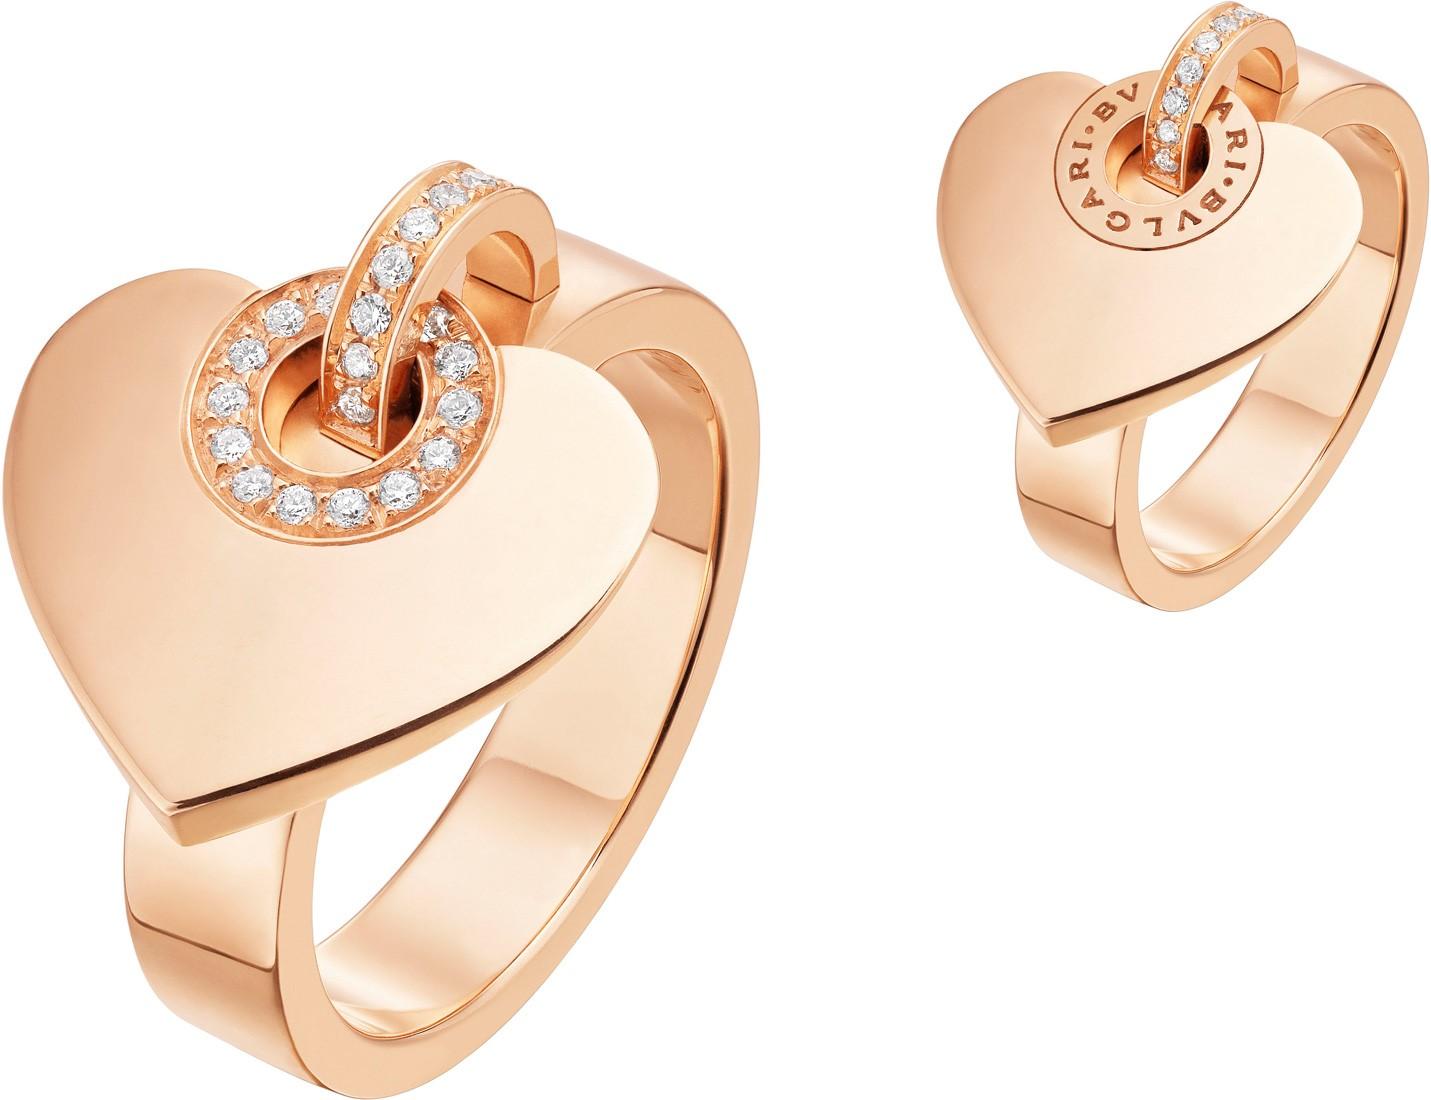 9be3c8bf53e6 Bvlgari Bvlgari Cuore   Une gamme de bijoux pour fêter l amour